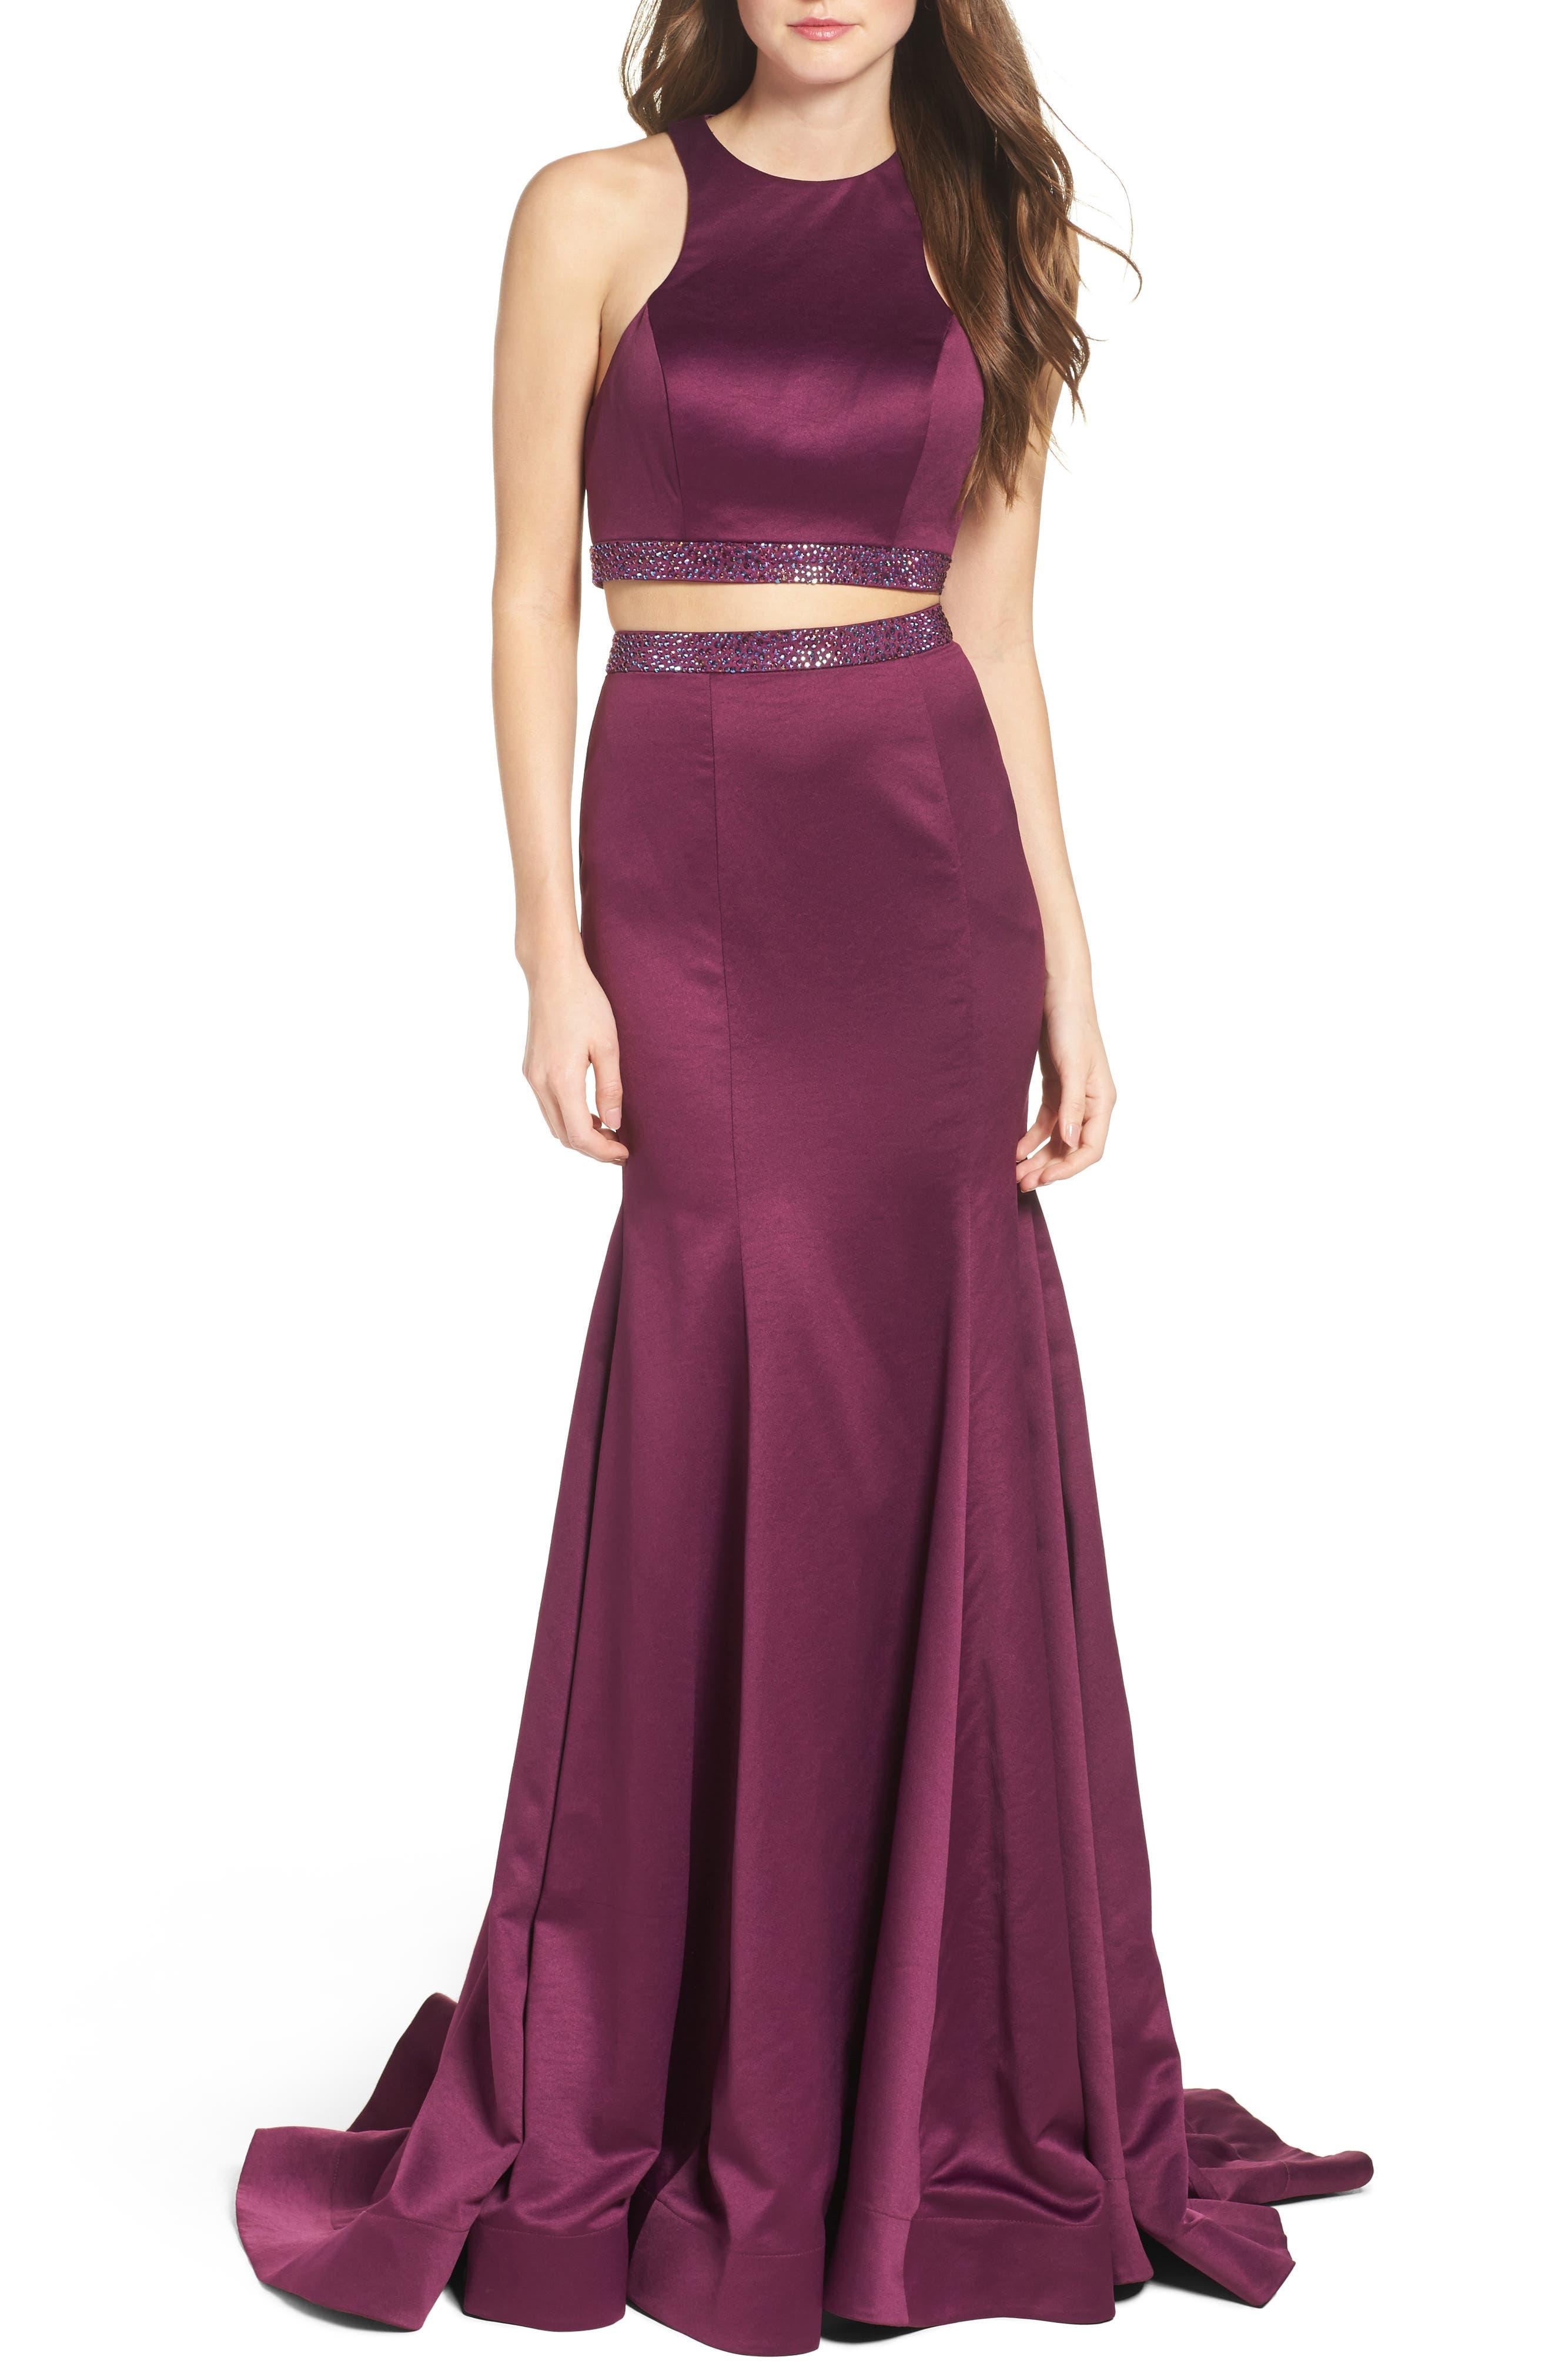 La Femme Two-Piece Mermaid Gown